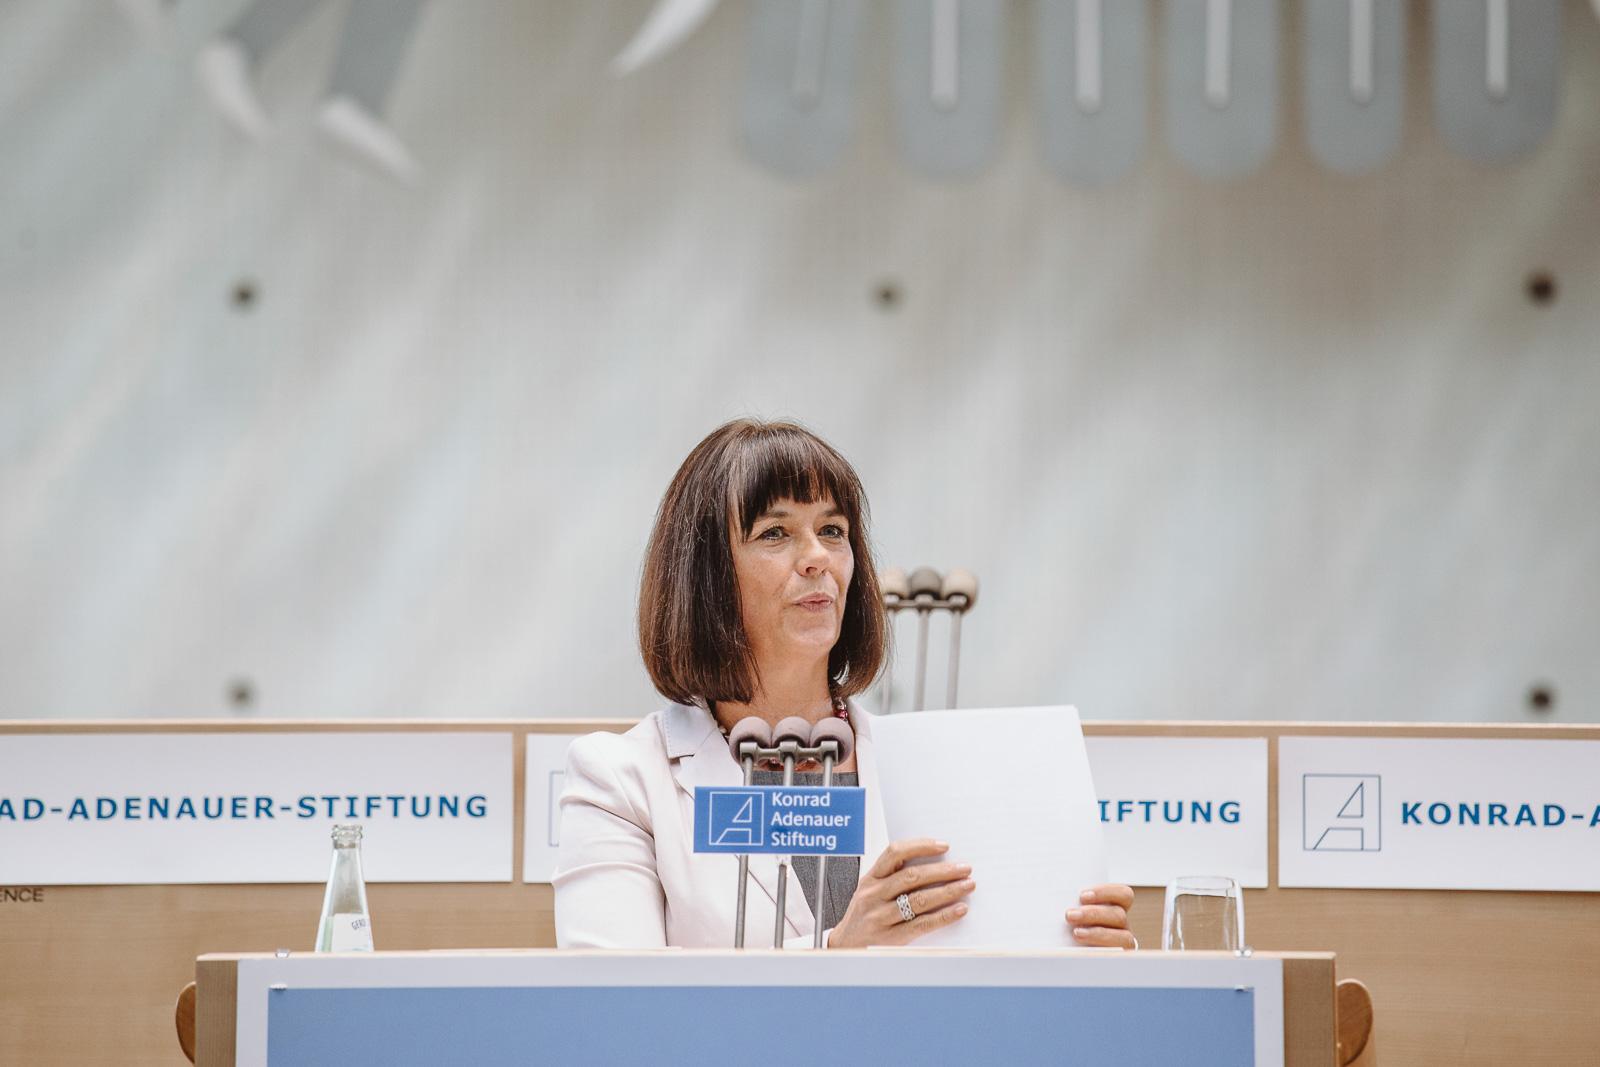 Konferenzfotografie - Frau auf Podium - Wasserwerkgespräch der Konrad-Adenauer-Stifung